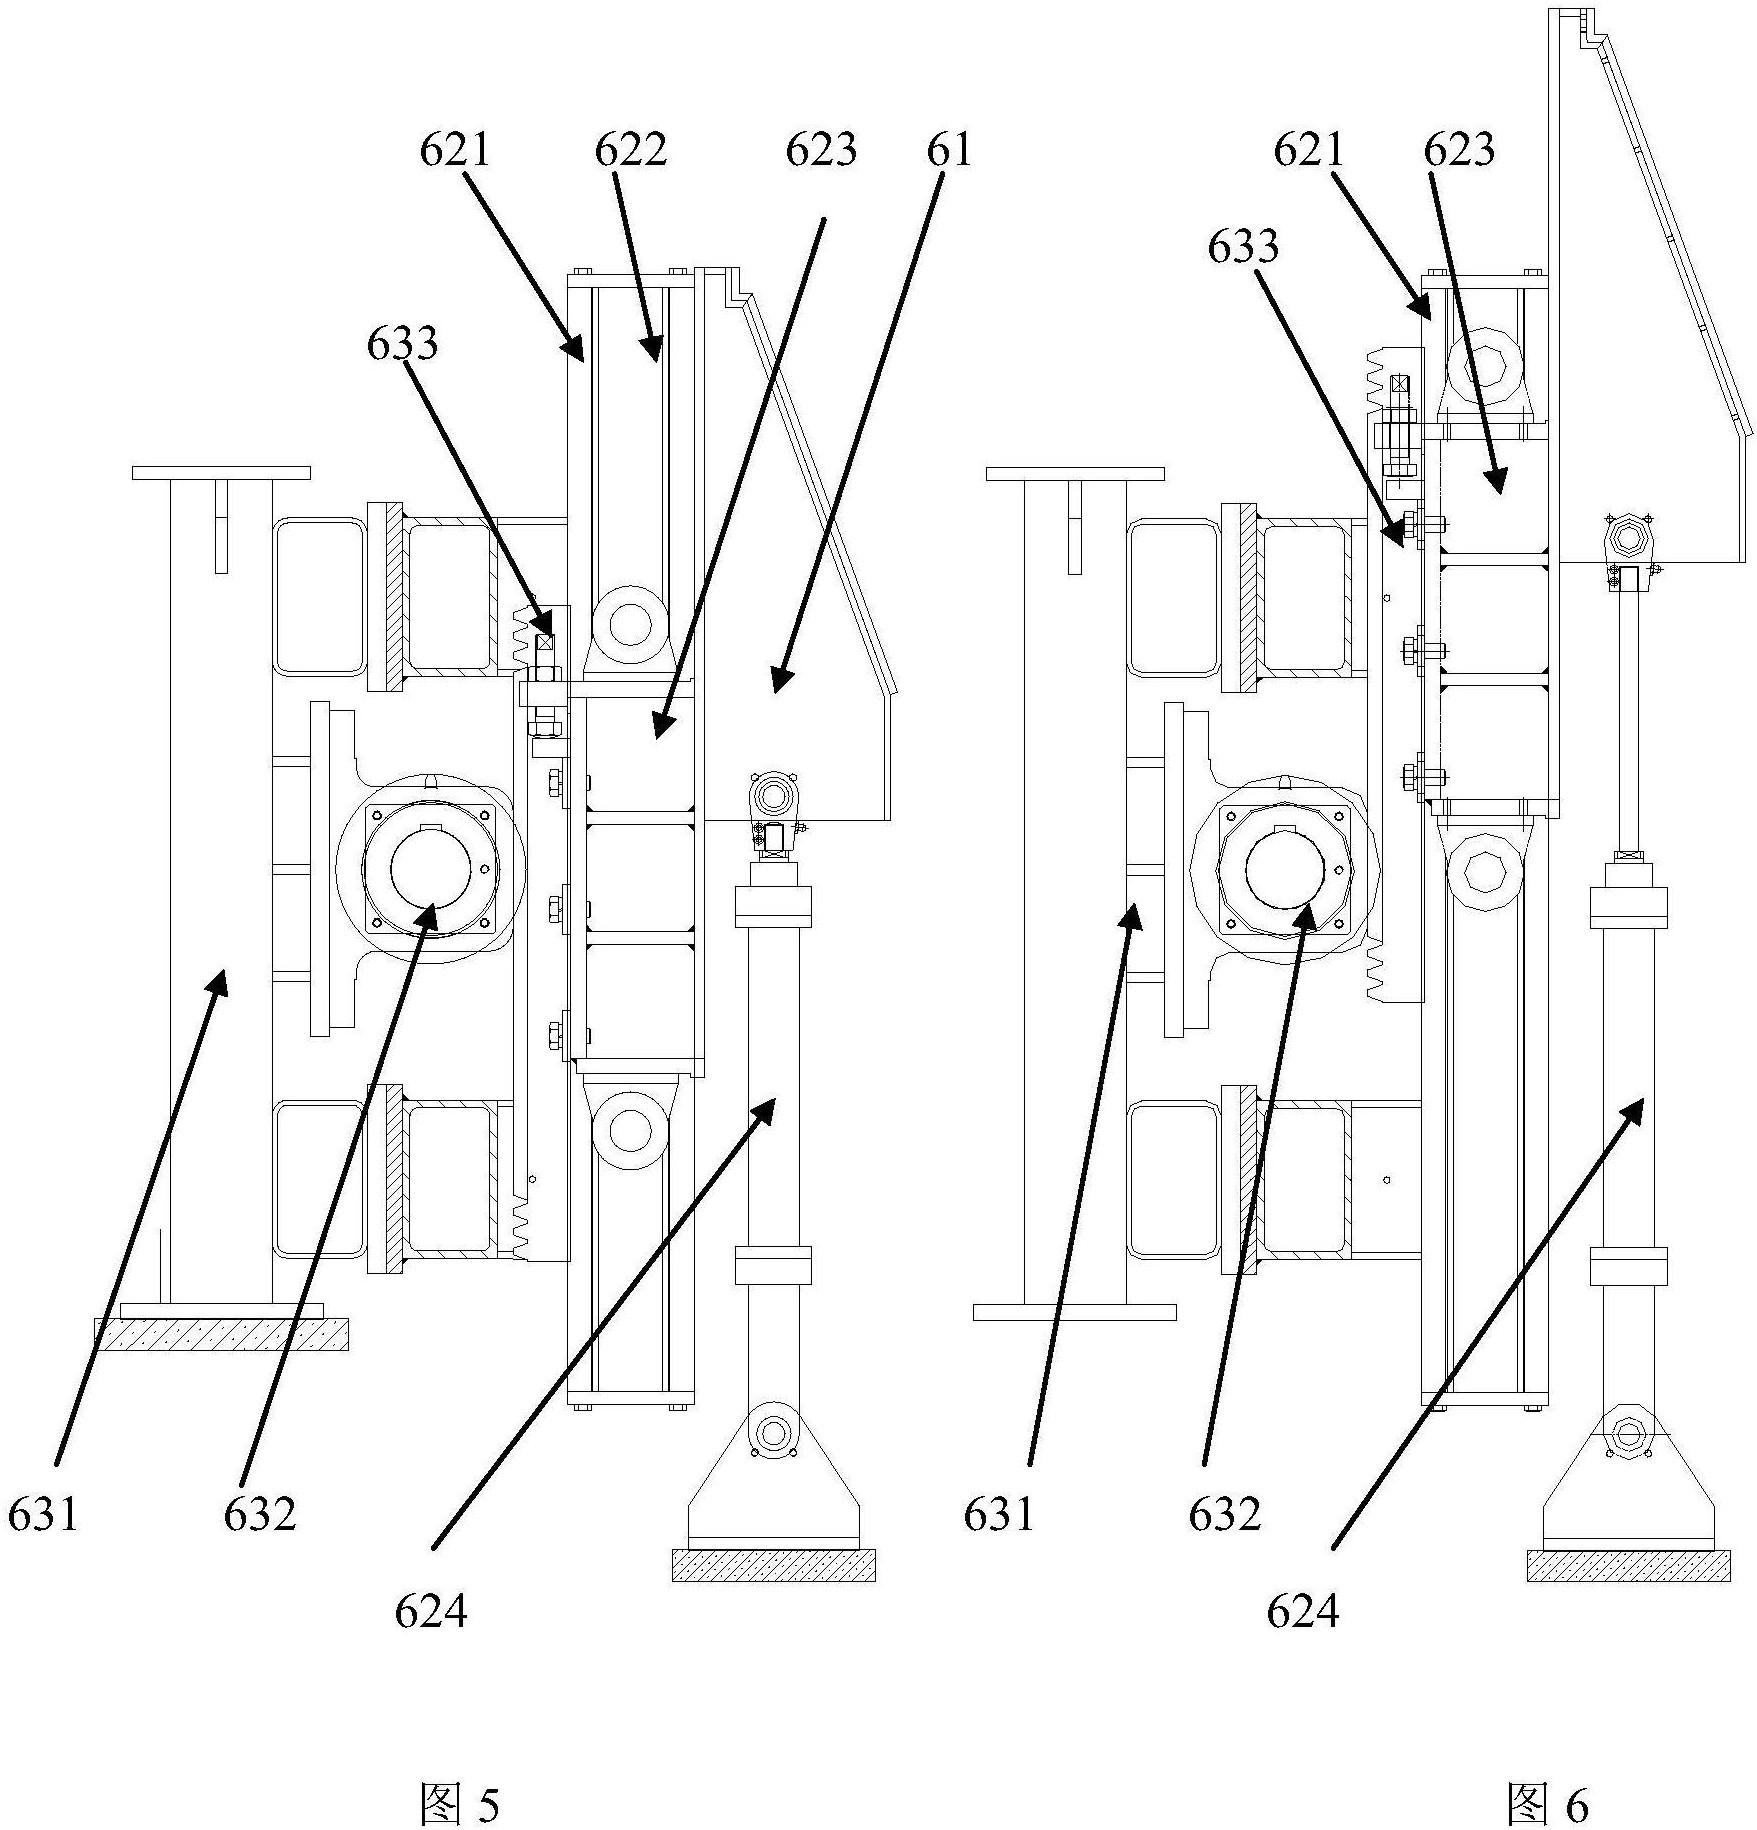 全自动码垛系统及工艺-附图5